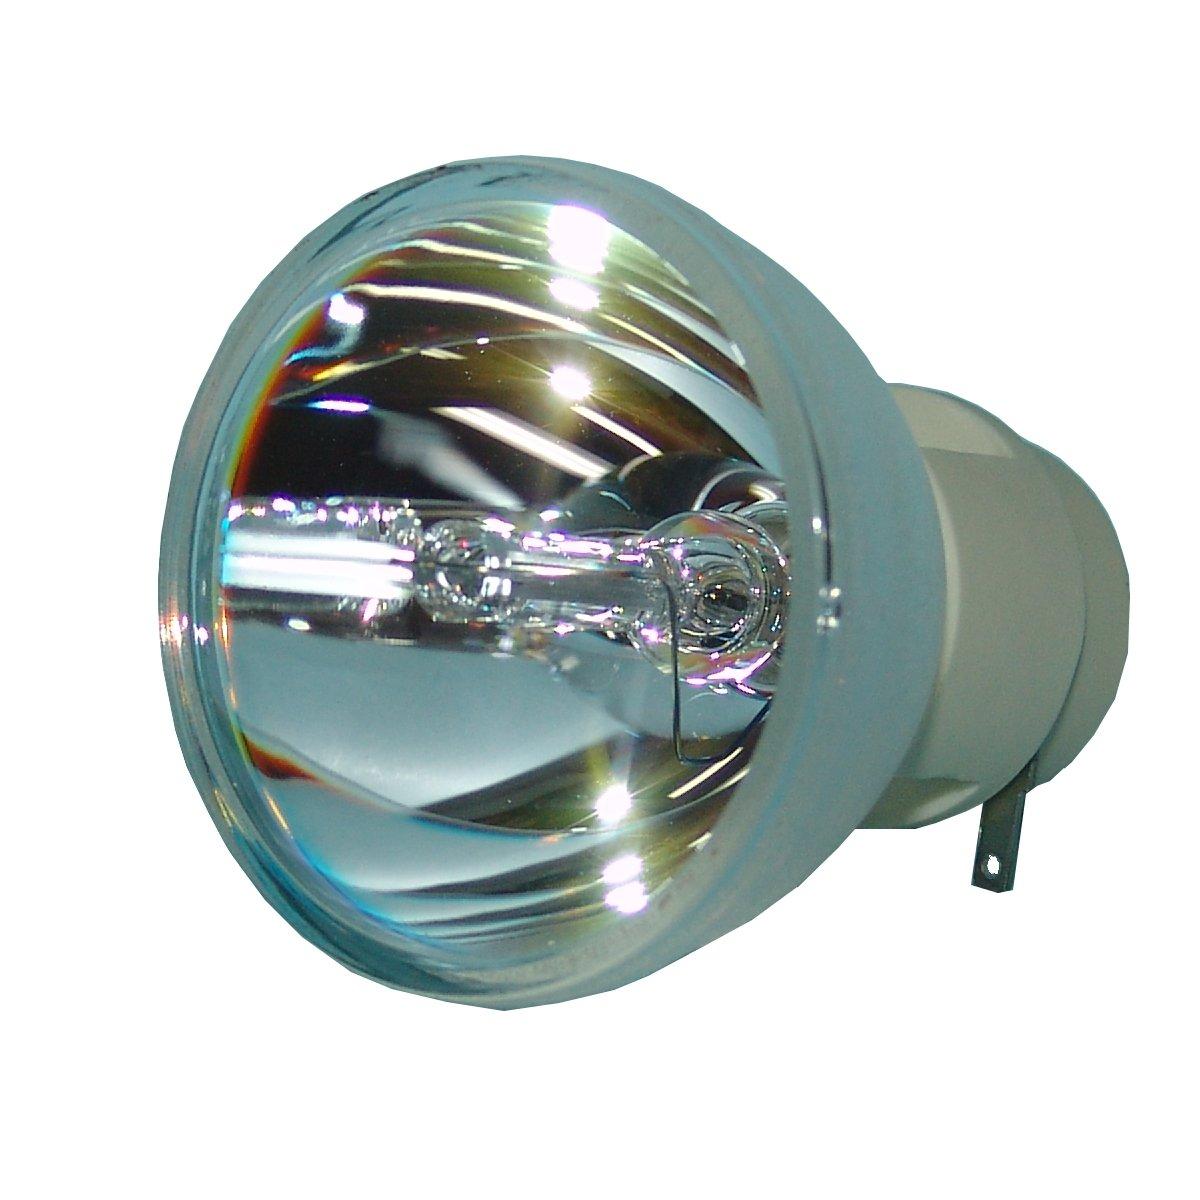 オリジナル Osram プロジェクター交換用ランプ Vivitek 5811118924-SVV用 Platinum (Brighter/Durable) Platinum (Brighter/Durable) Lamp Only B07KTLCQ7G